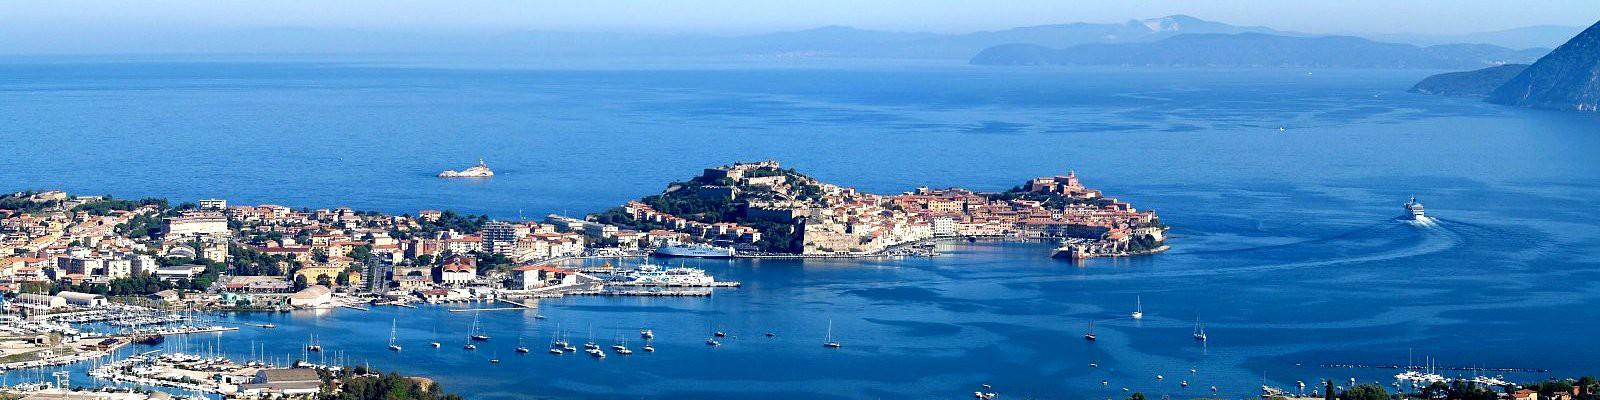 Elba, Portoferraio, jeho přístav a v dálce pevnina s přístavem Piombino